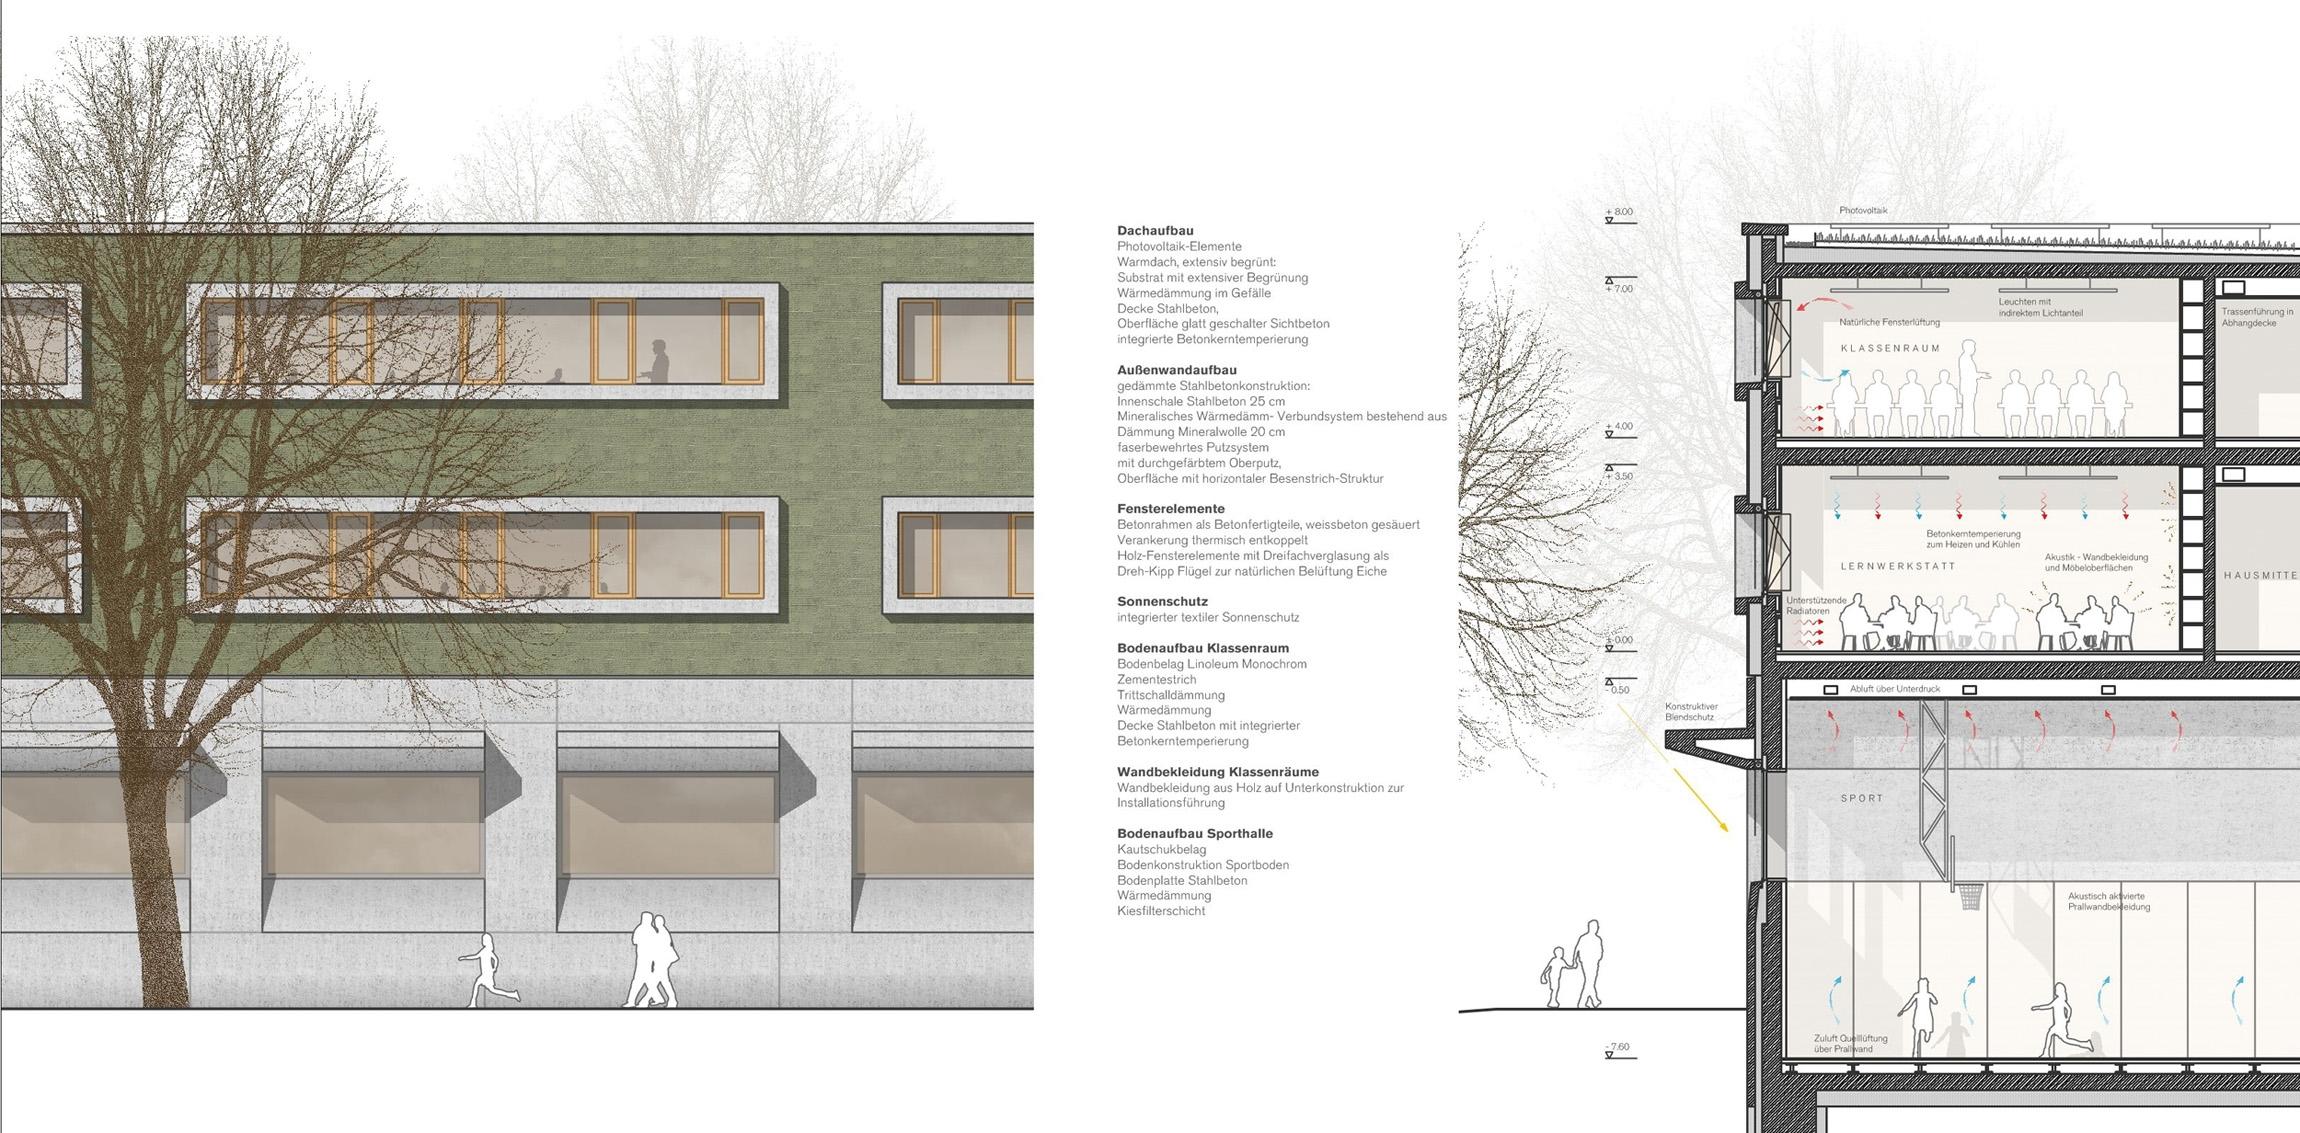 Ergebnis: Neubau Steinparkschulen (SPS)...competitionline